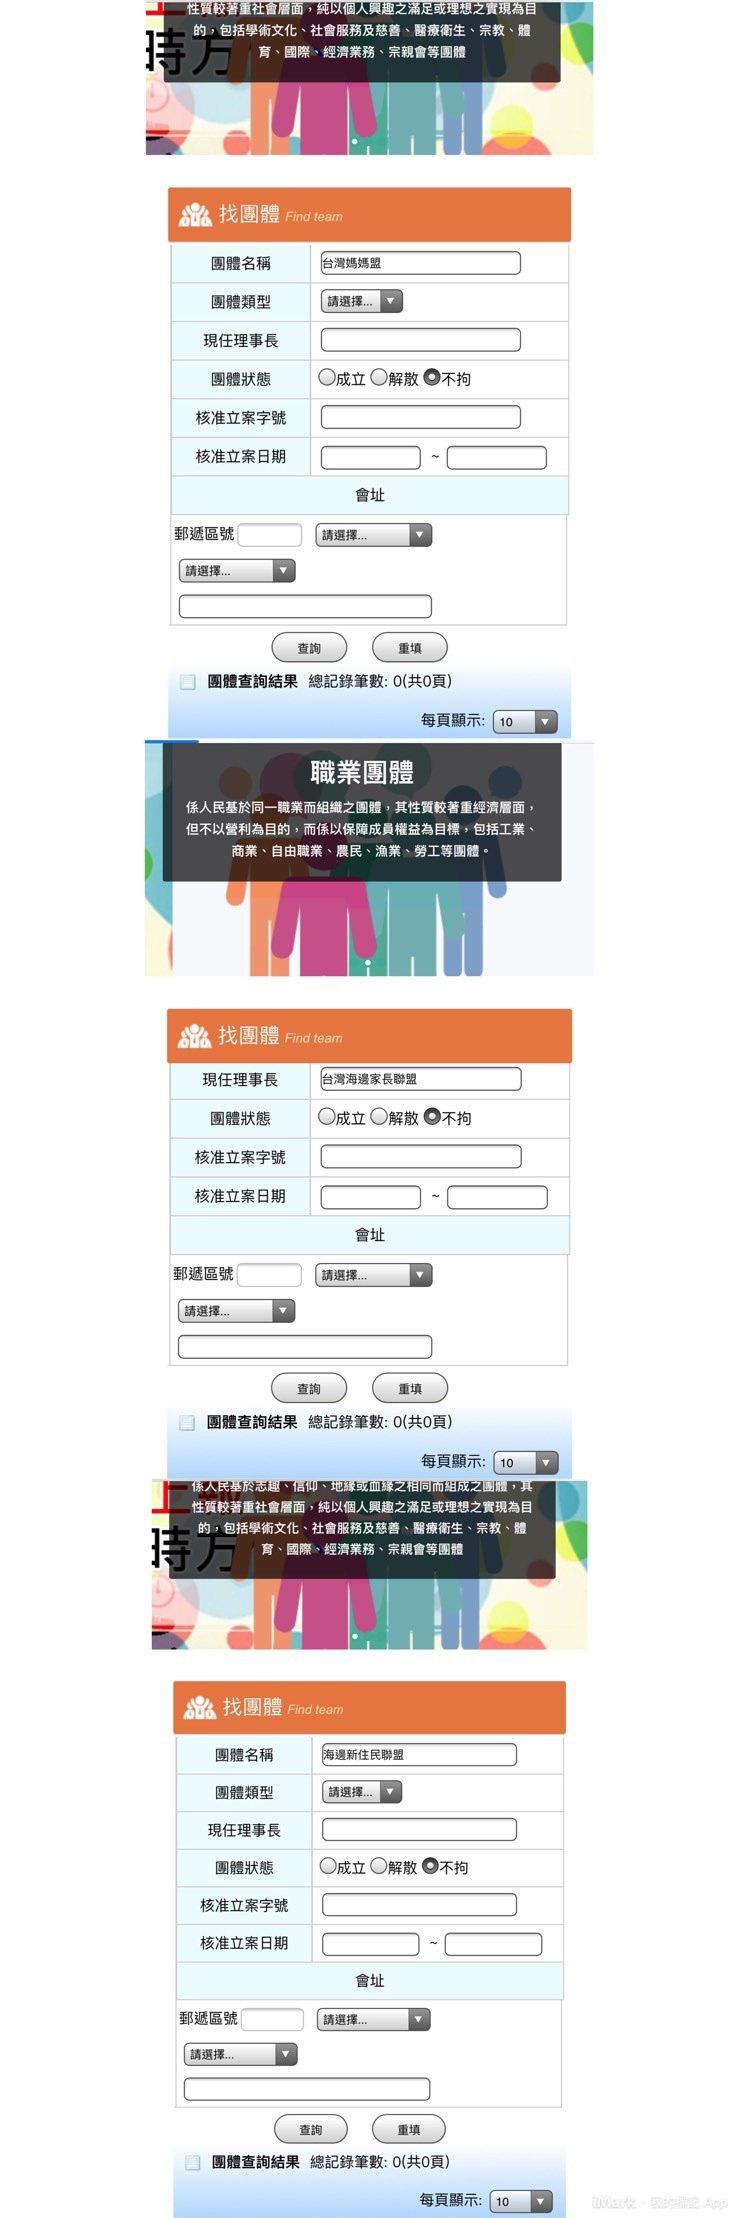 蔡易餘說,內政部網站上查過布條上三個協會上的署名,媽媽盟說是簡寫,但另兩個協會則...